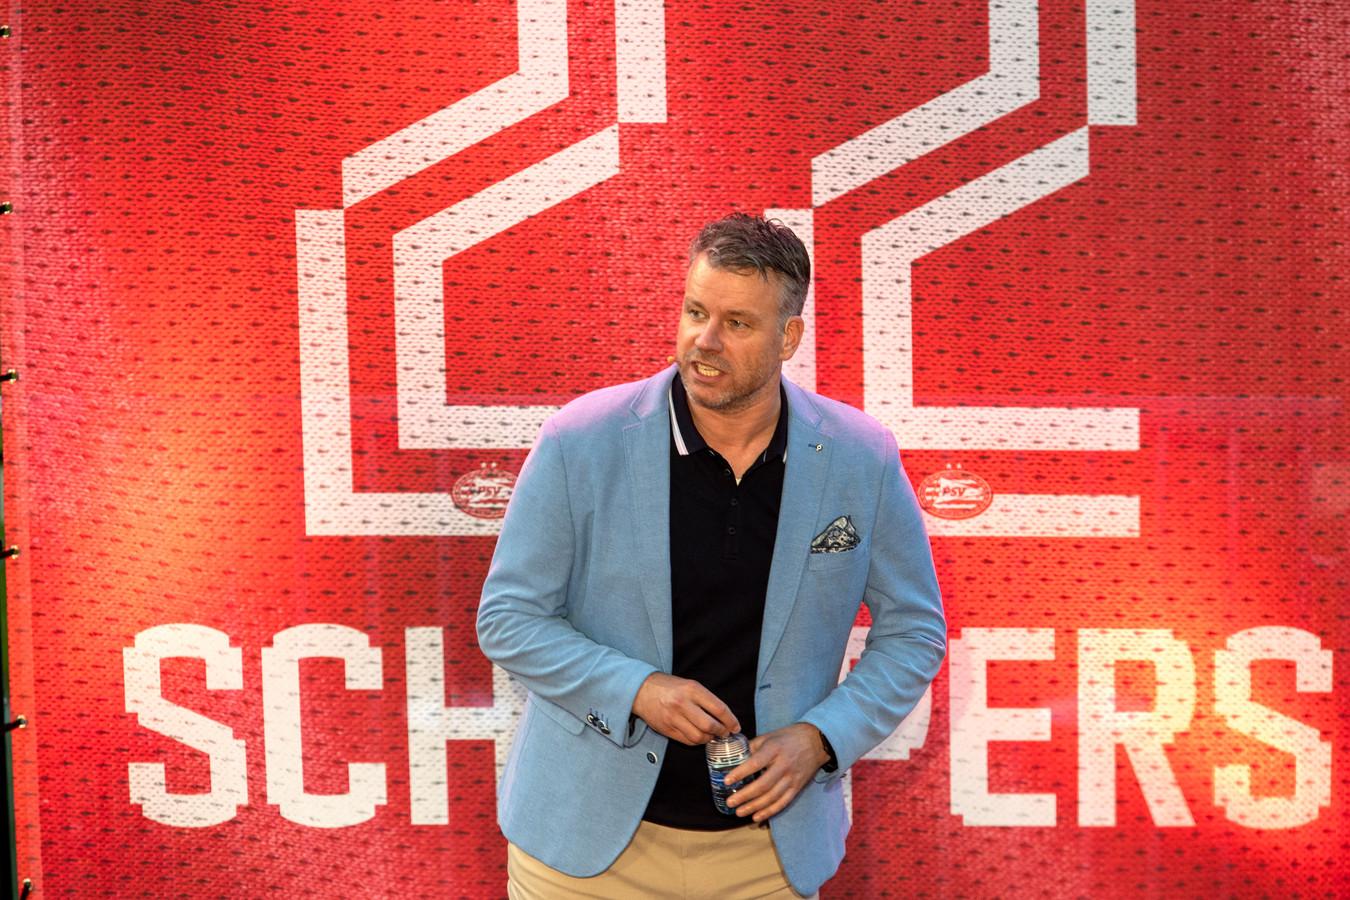 Rob Scheepers kwam vorig jaar in coronatijd 28 keer met een voorstelling in het Philips Stadion.